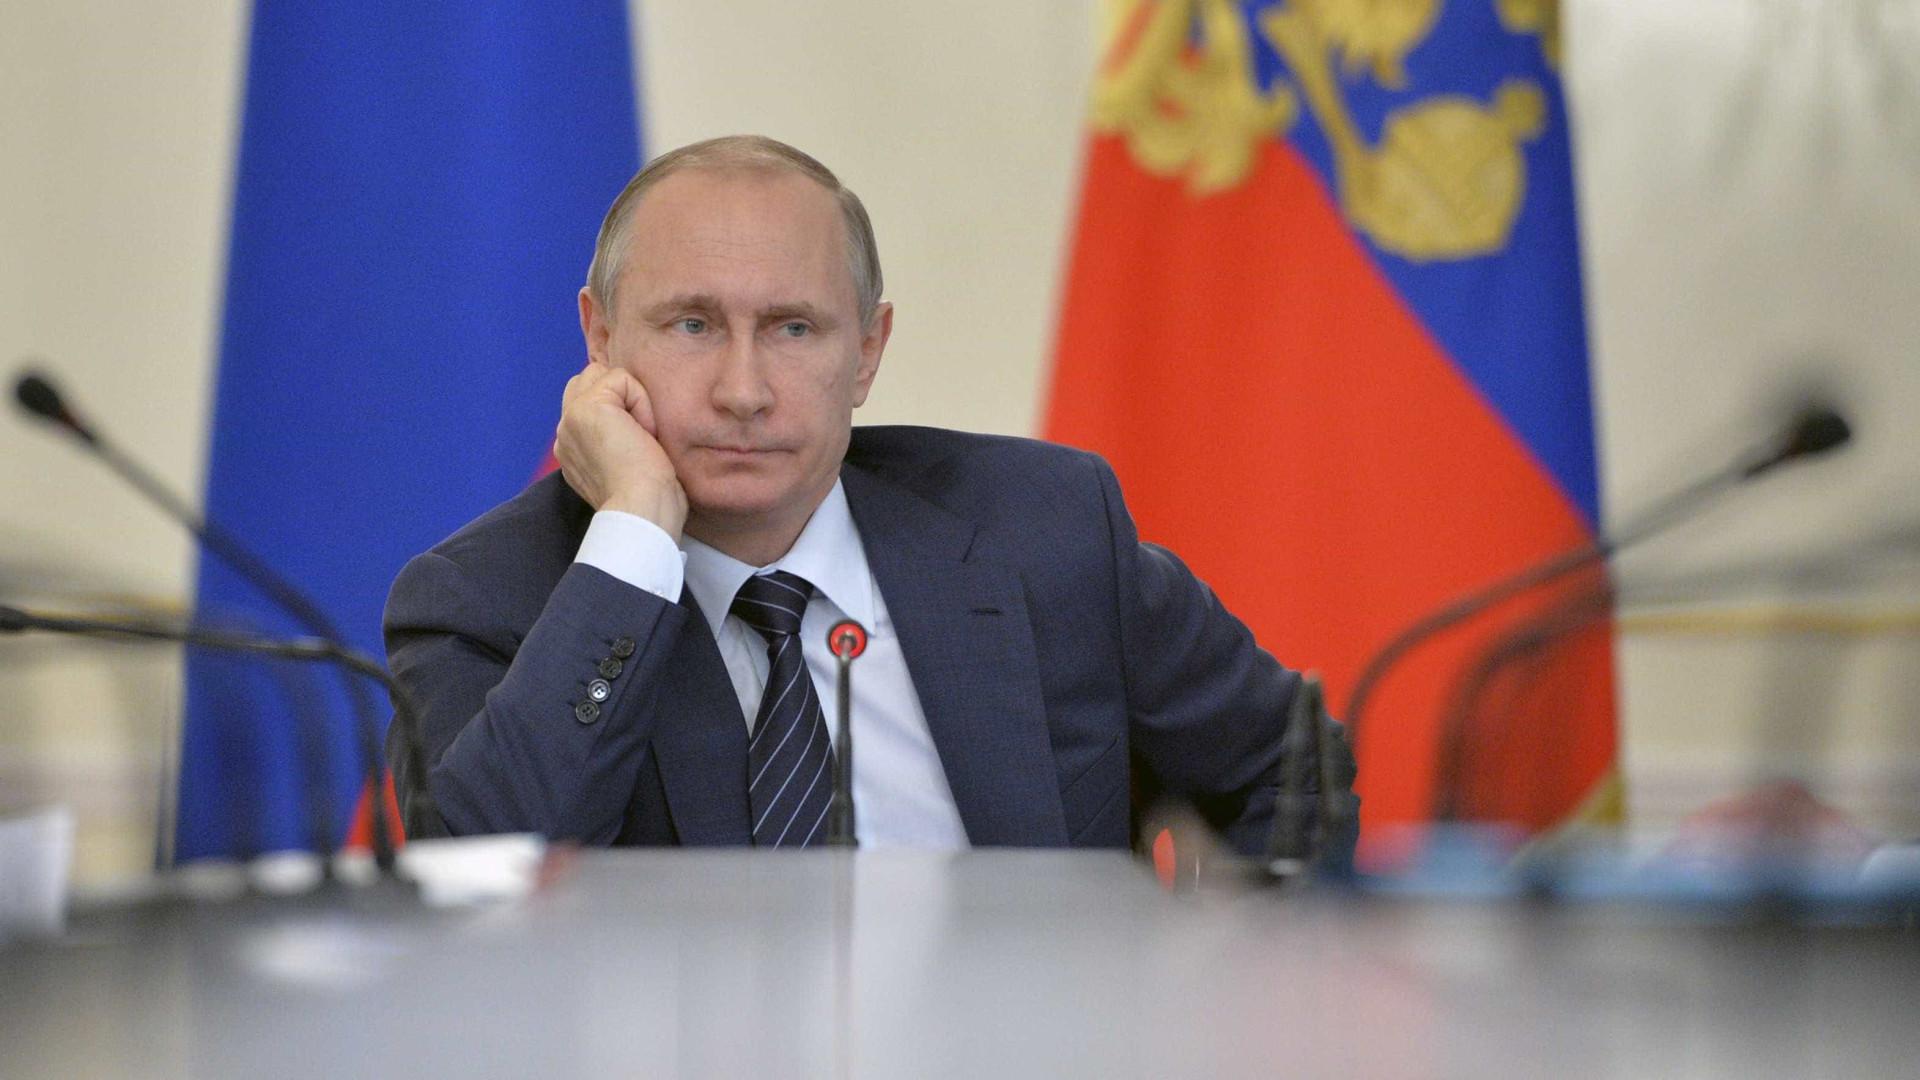 Mais de 100 diplomatas russos são expulsos ao redor do mundo